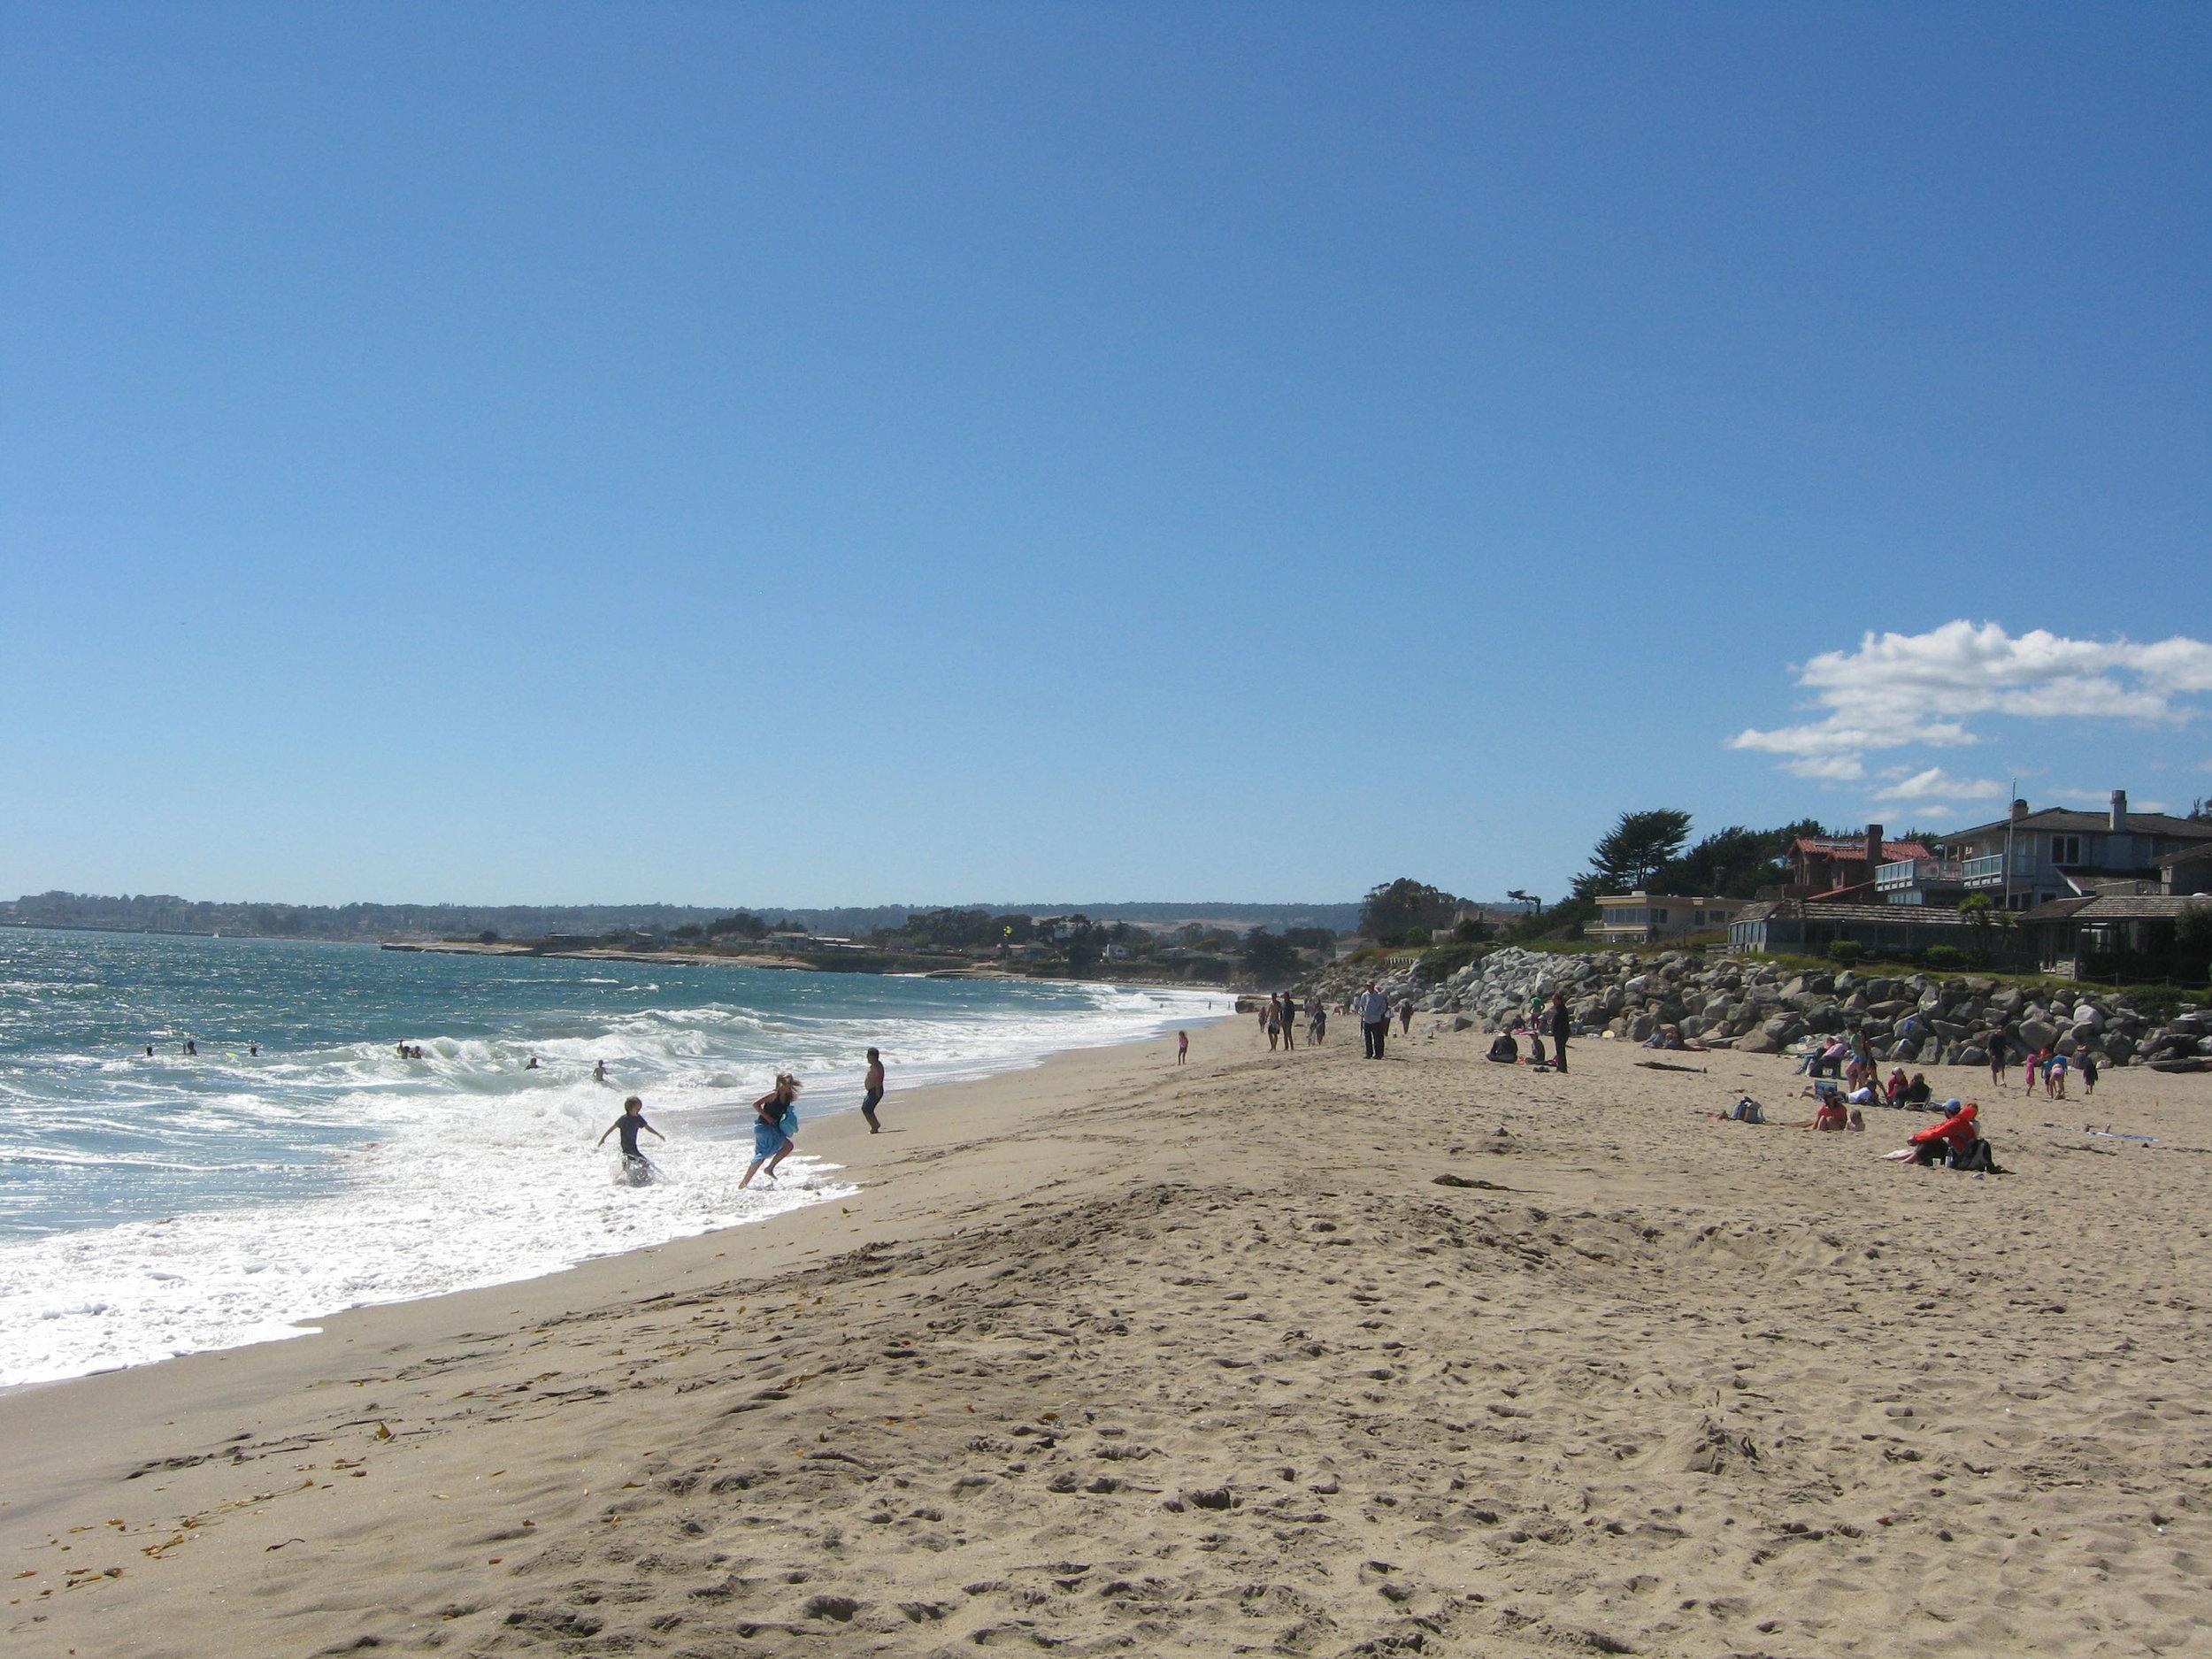 Moran Beach Santa Cruz, California